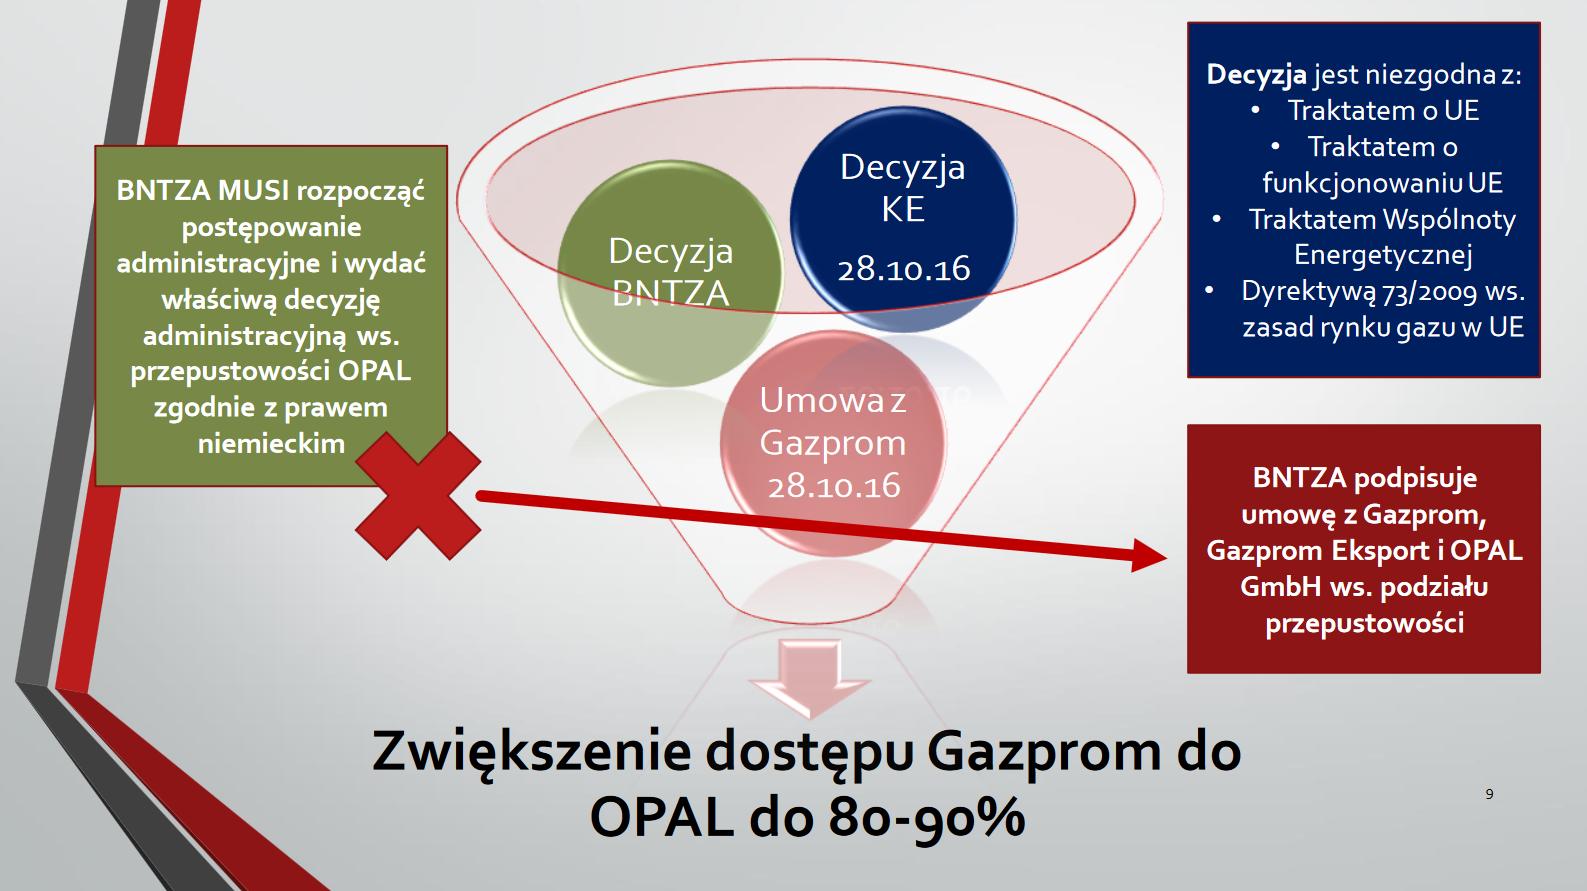 Podstawy prawne krytyki PGNiG. Fot. BiznesAlert.pl